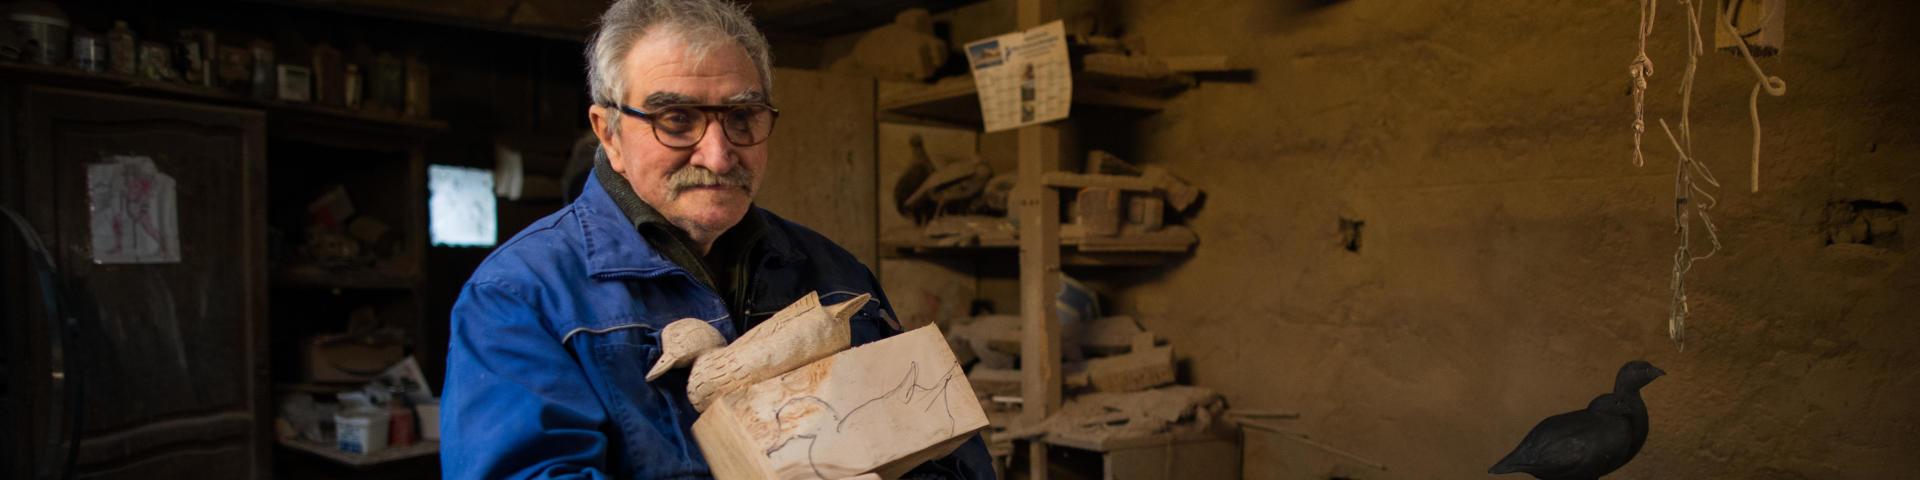 Christian Belmas dans son atelier avec la forme de canard Solognac